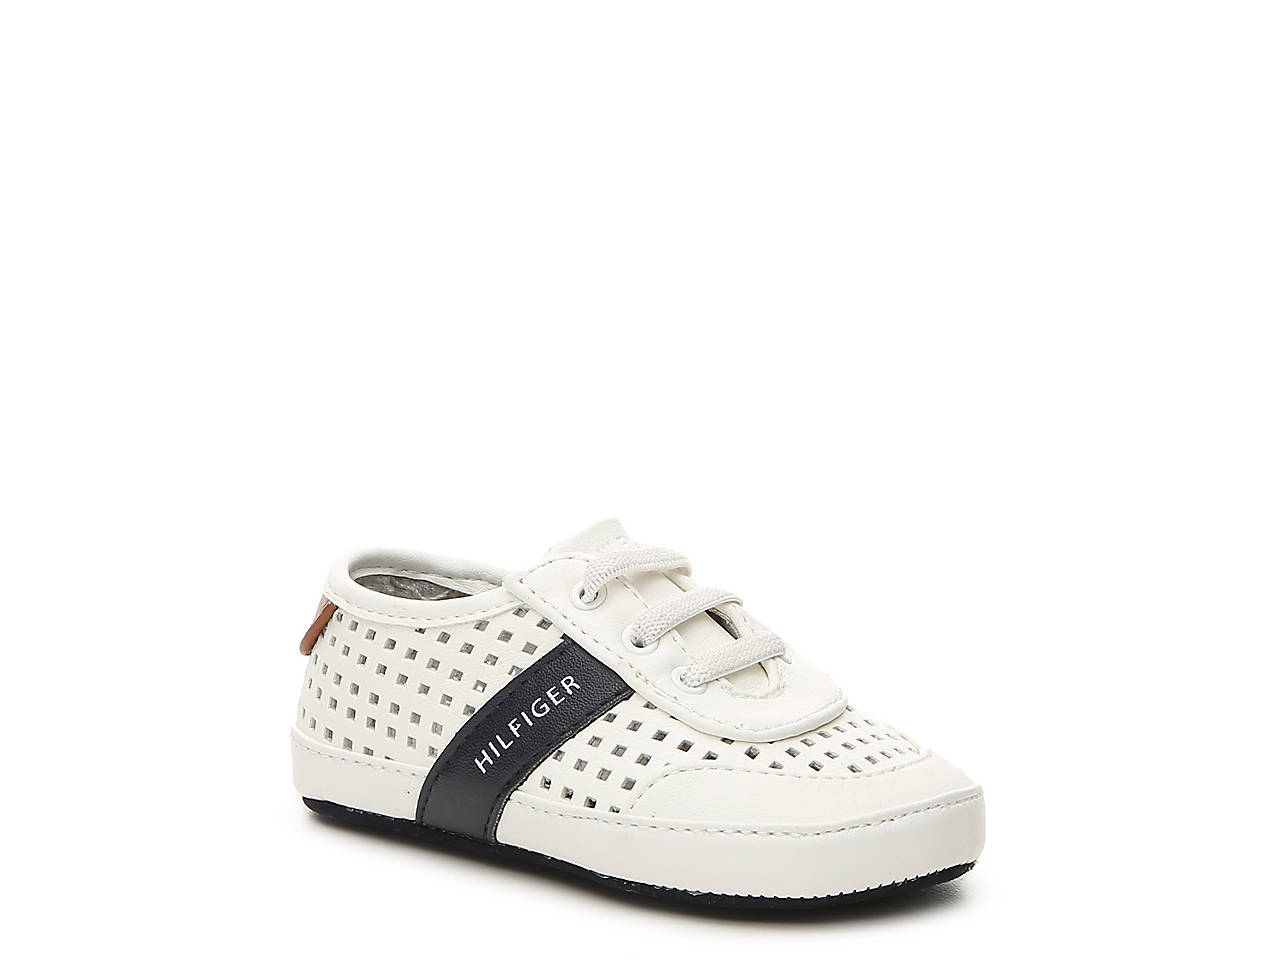 e0b0f898c7b9db Tommy Hilfiger Dennis Boys Infant Crib Shoe Kids Shoes